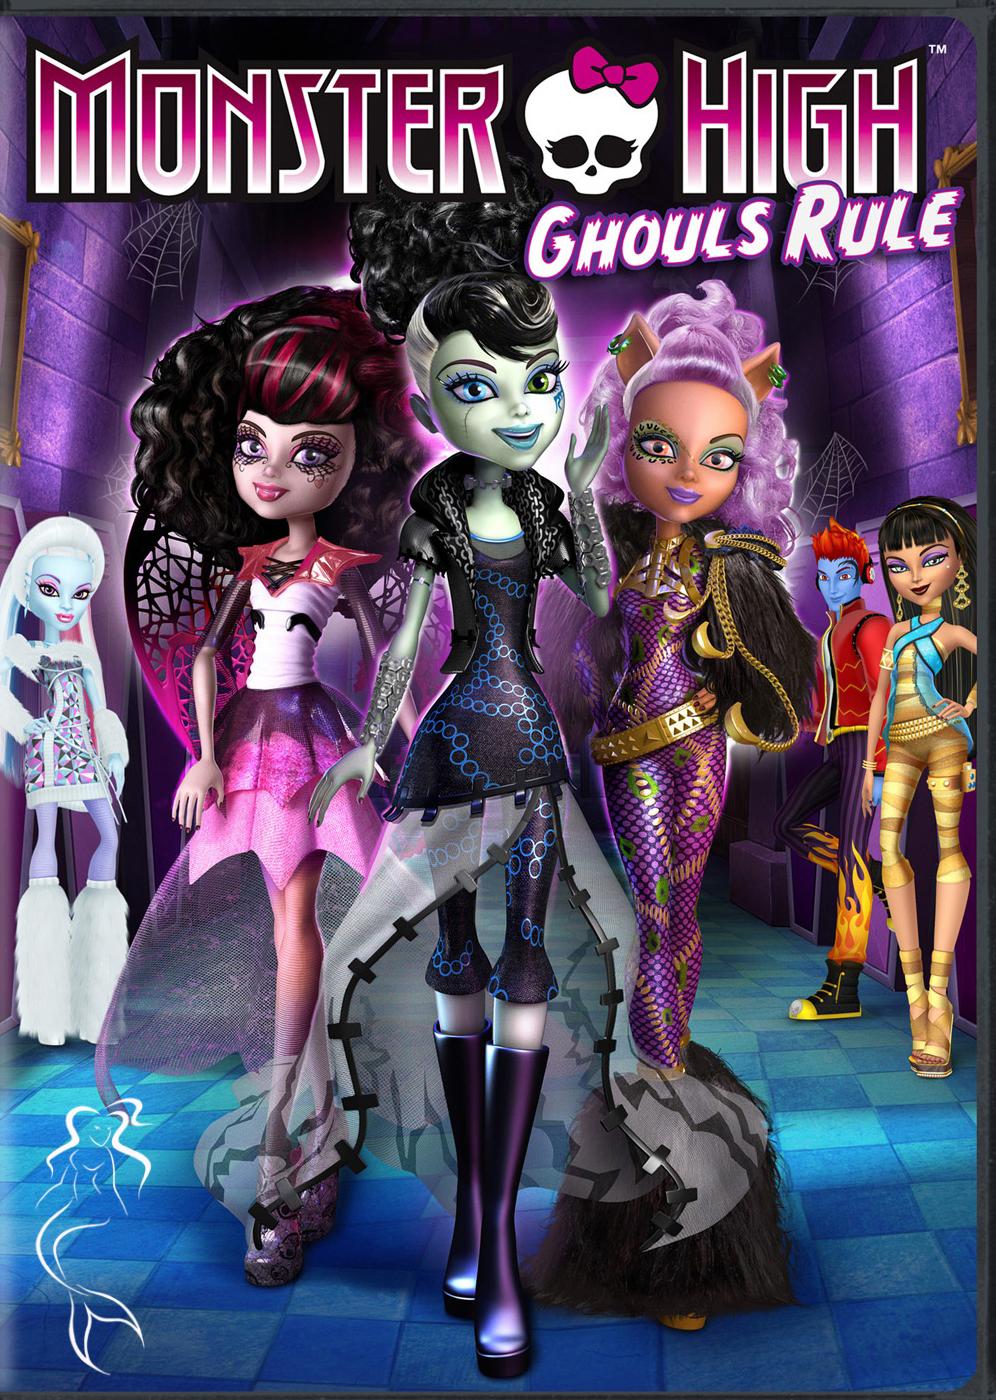 Школа монстров: Классные девчонки - Monster High- Ghoul's Rule!